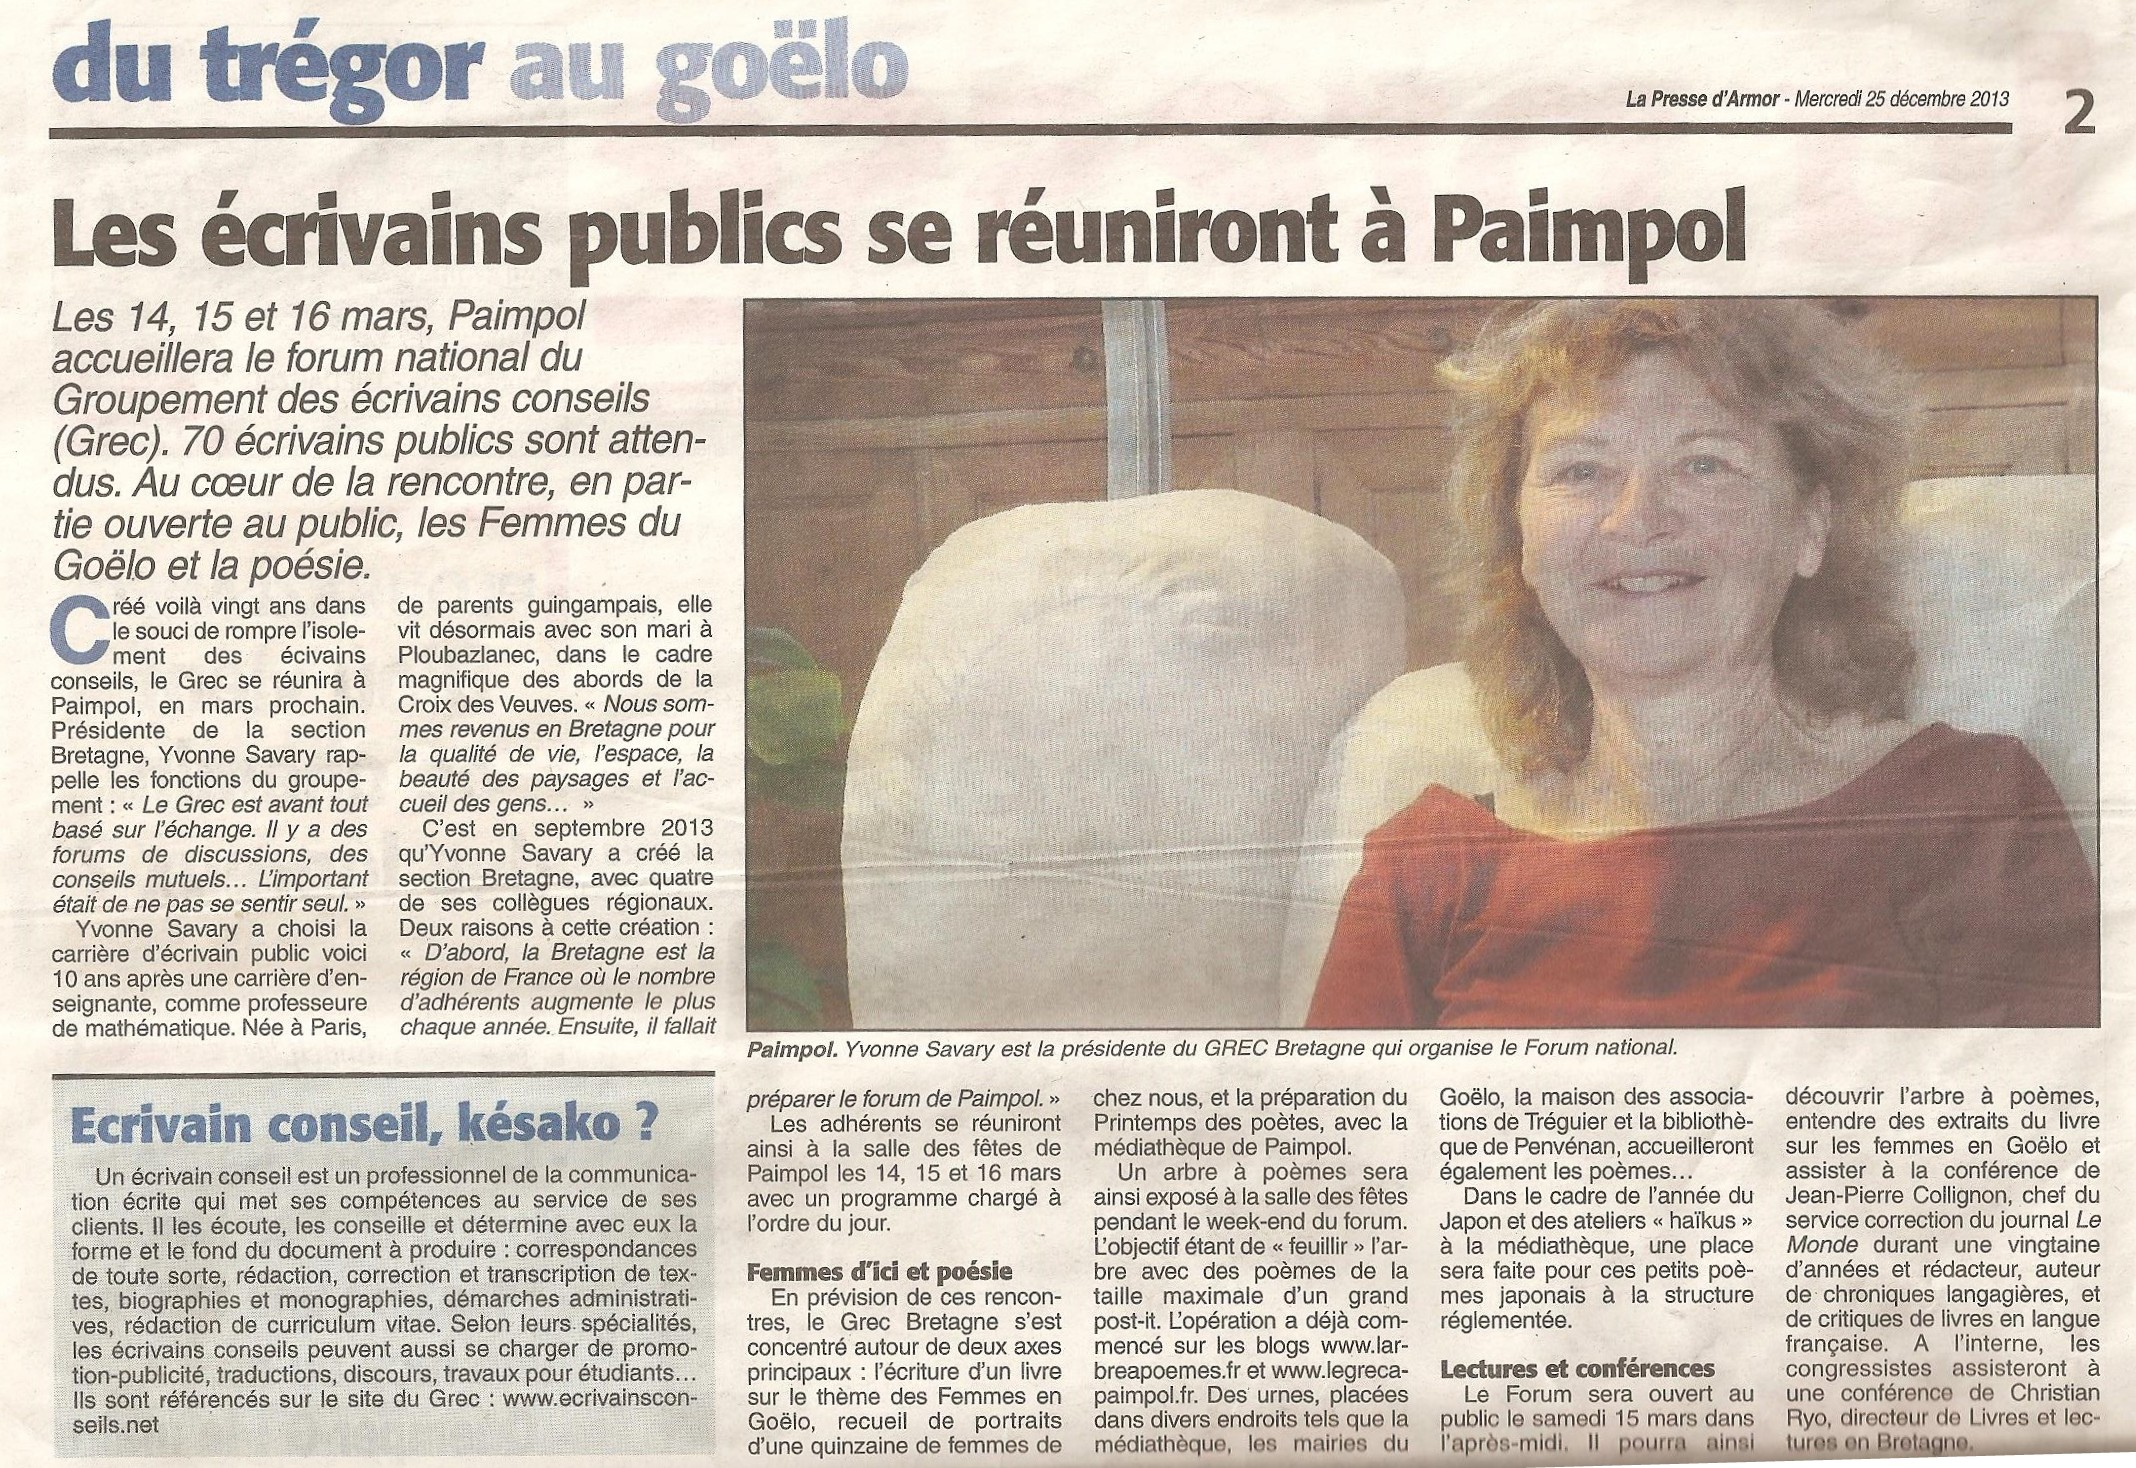 Article de la Presse d'Armor du 25 décembre 2013